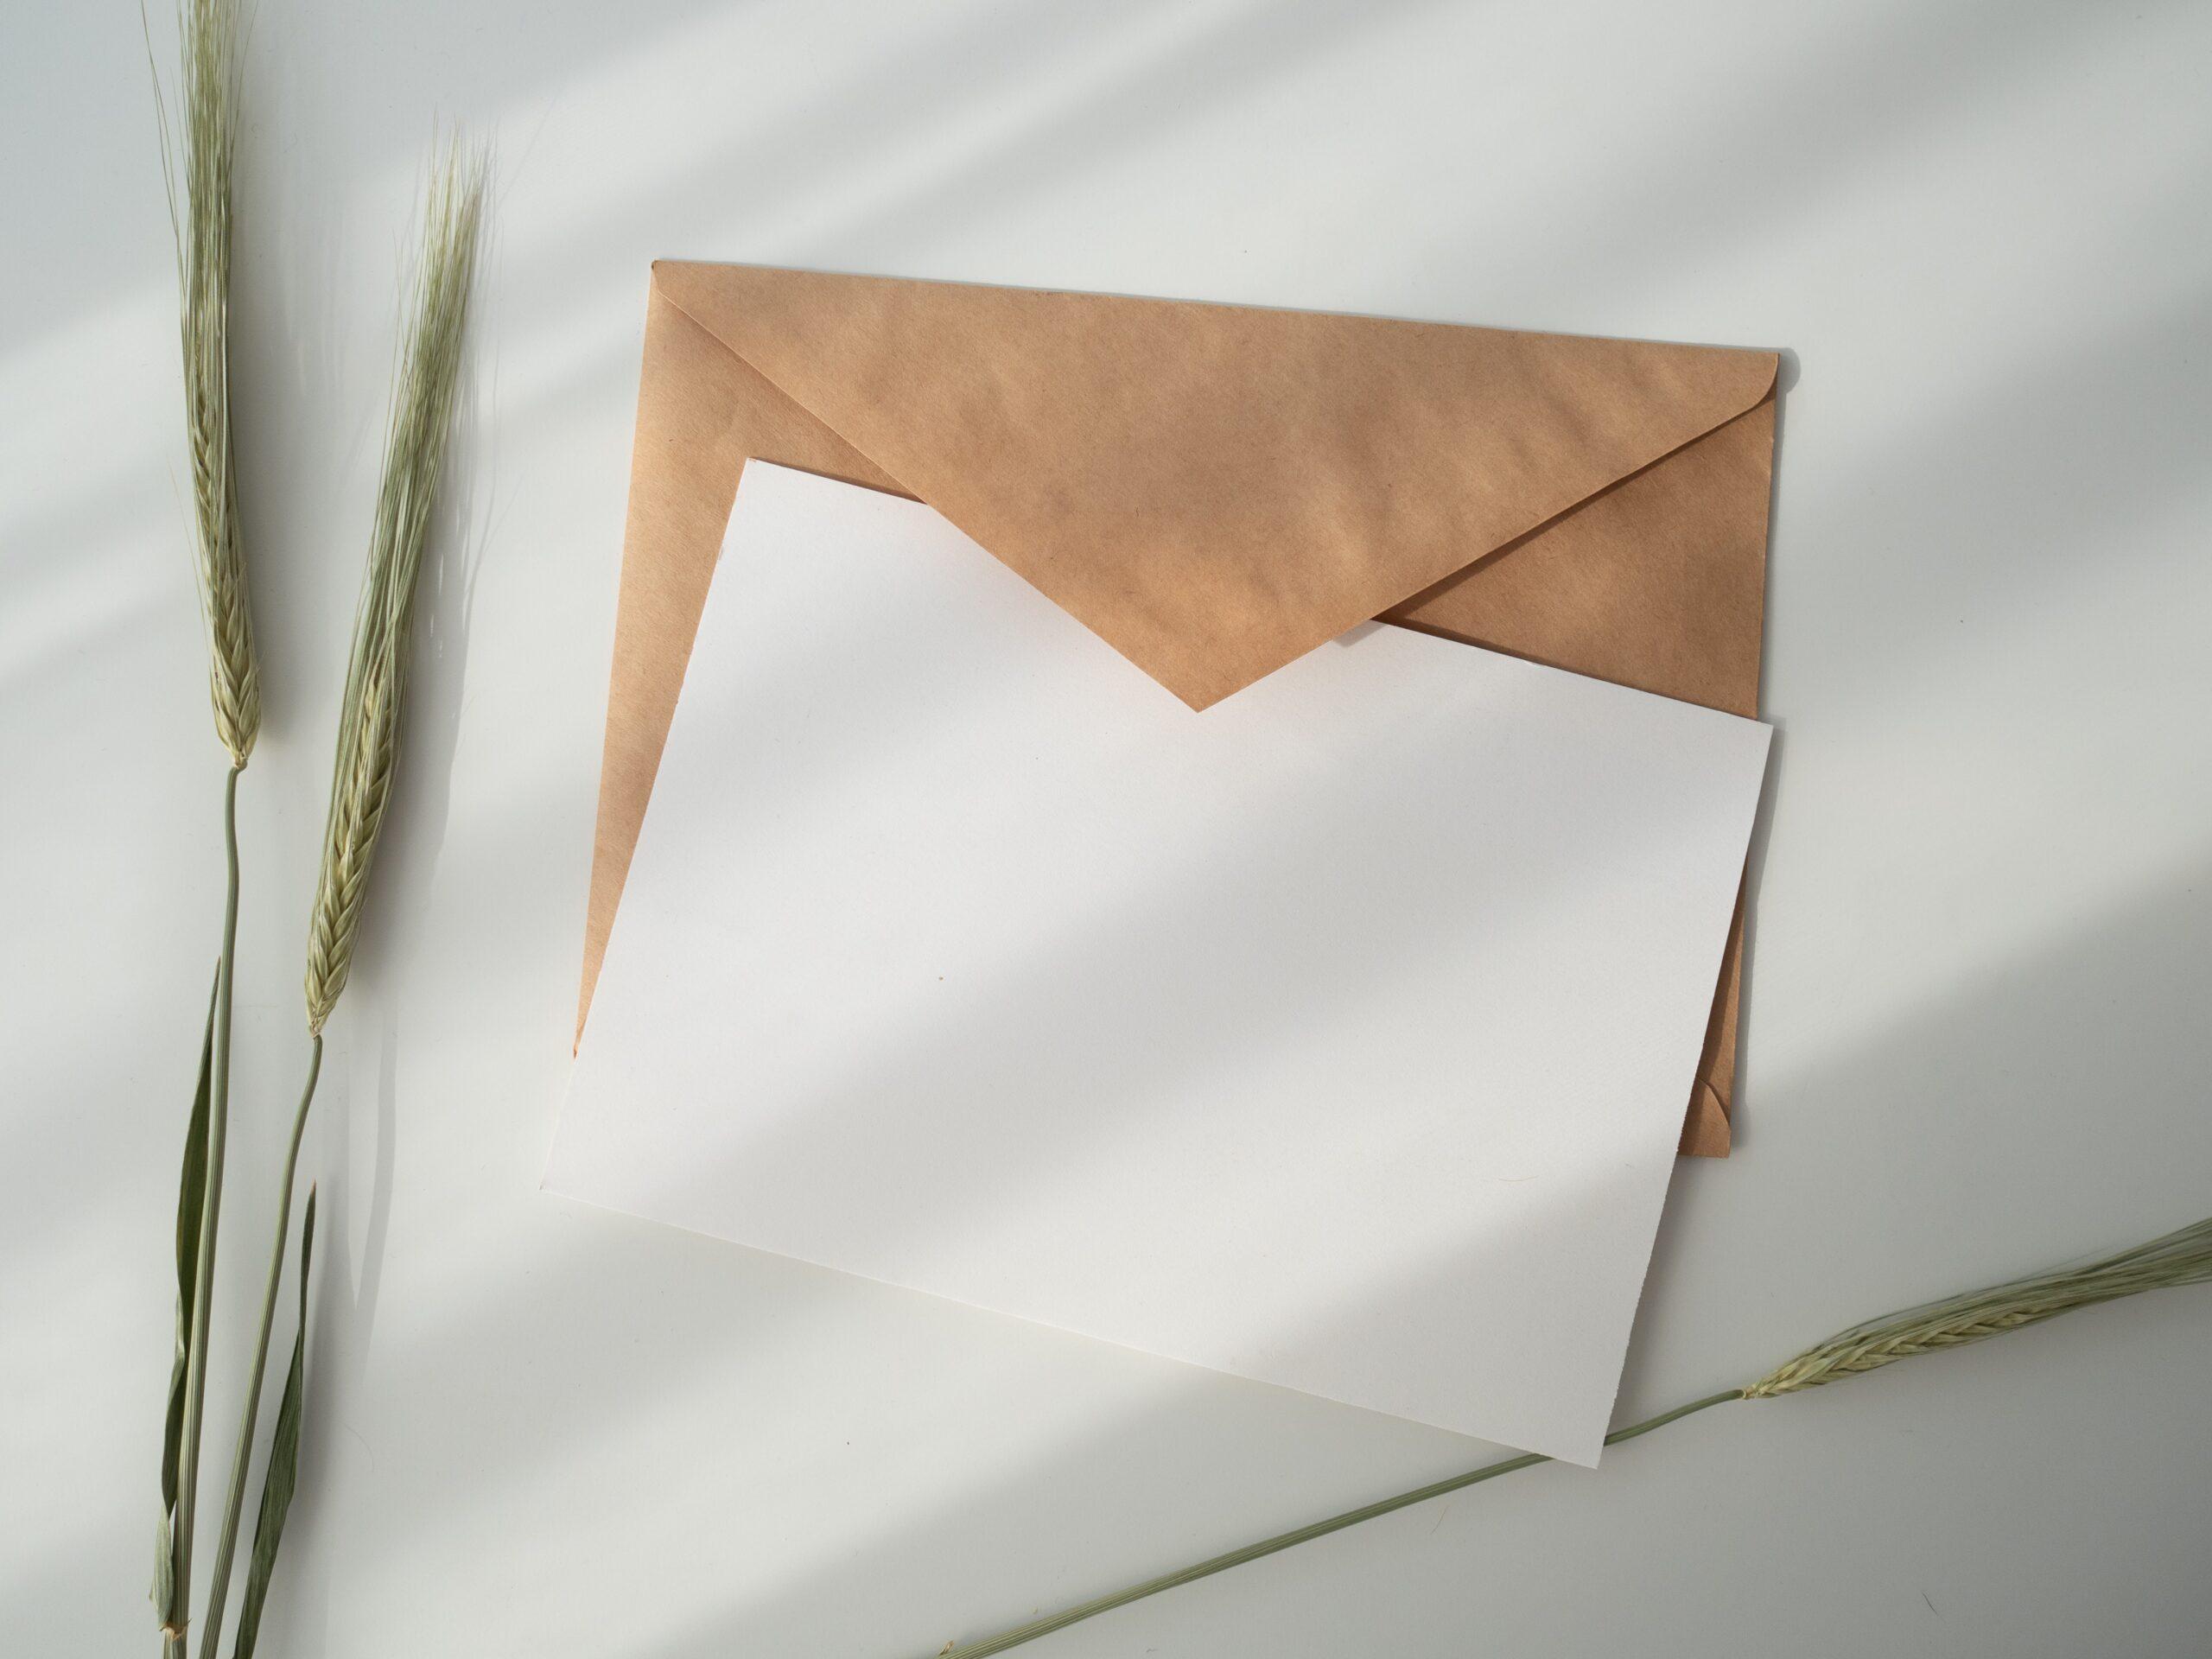 Zdjęcie szarej koperty i kartki leżące na jasnym blacie, obok źdźbło trawy